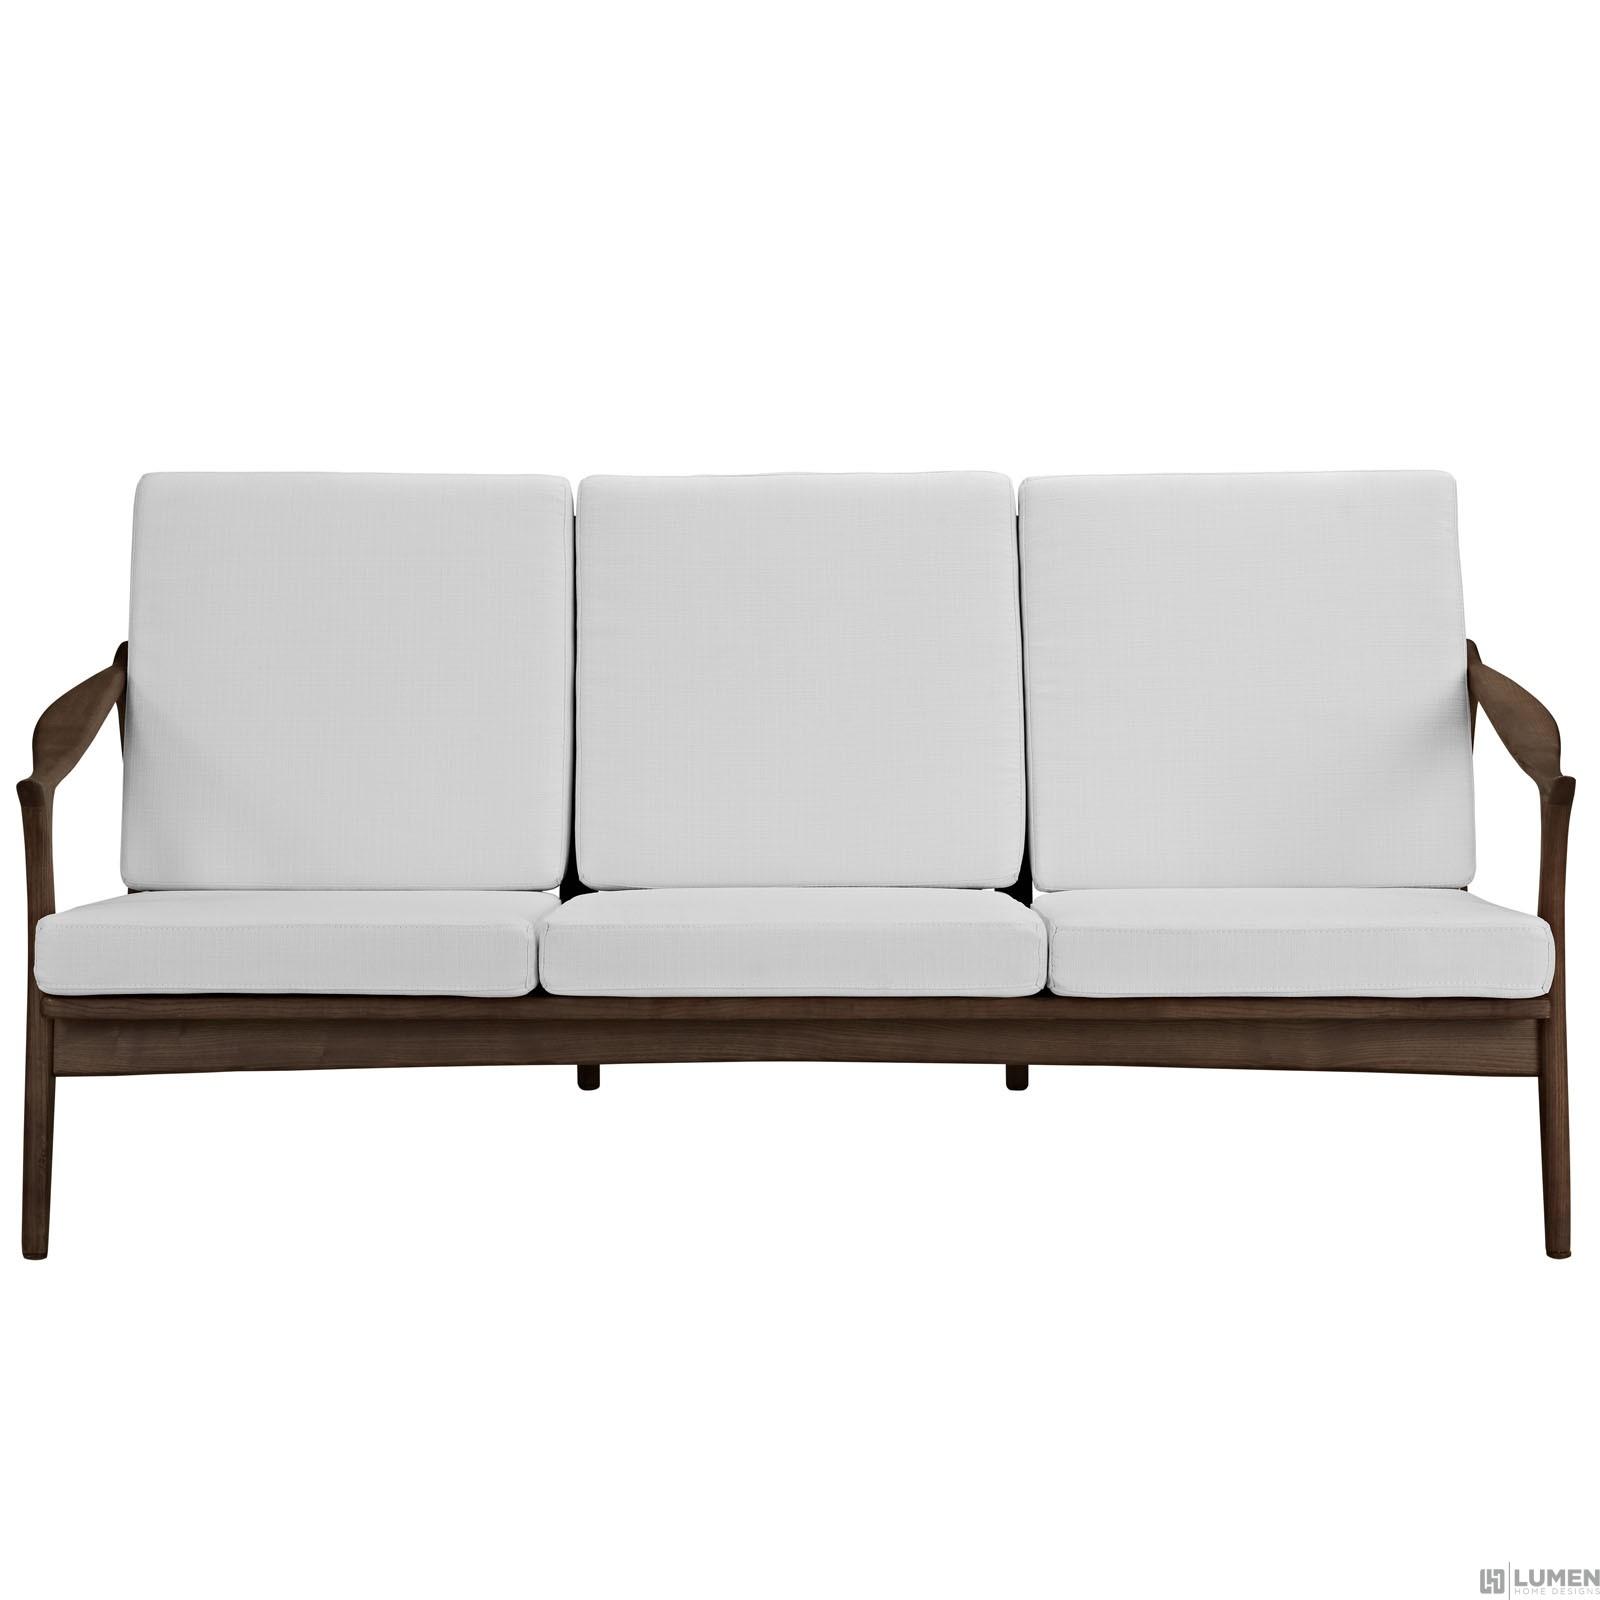 LHD-1448-WAL-WHI-sofa